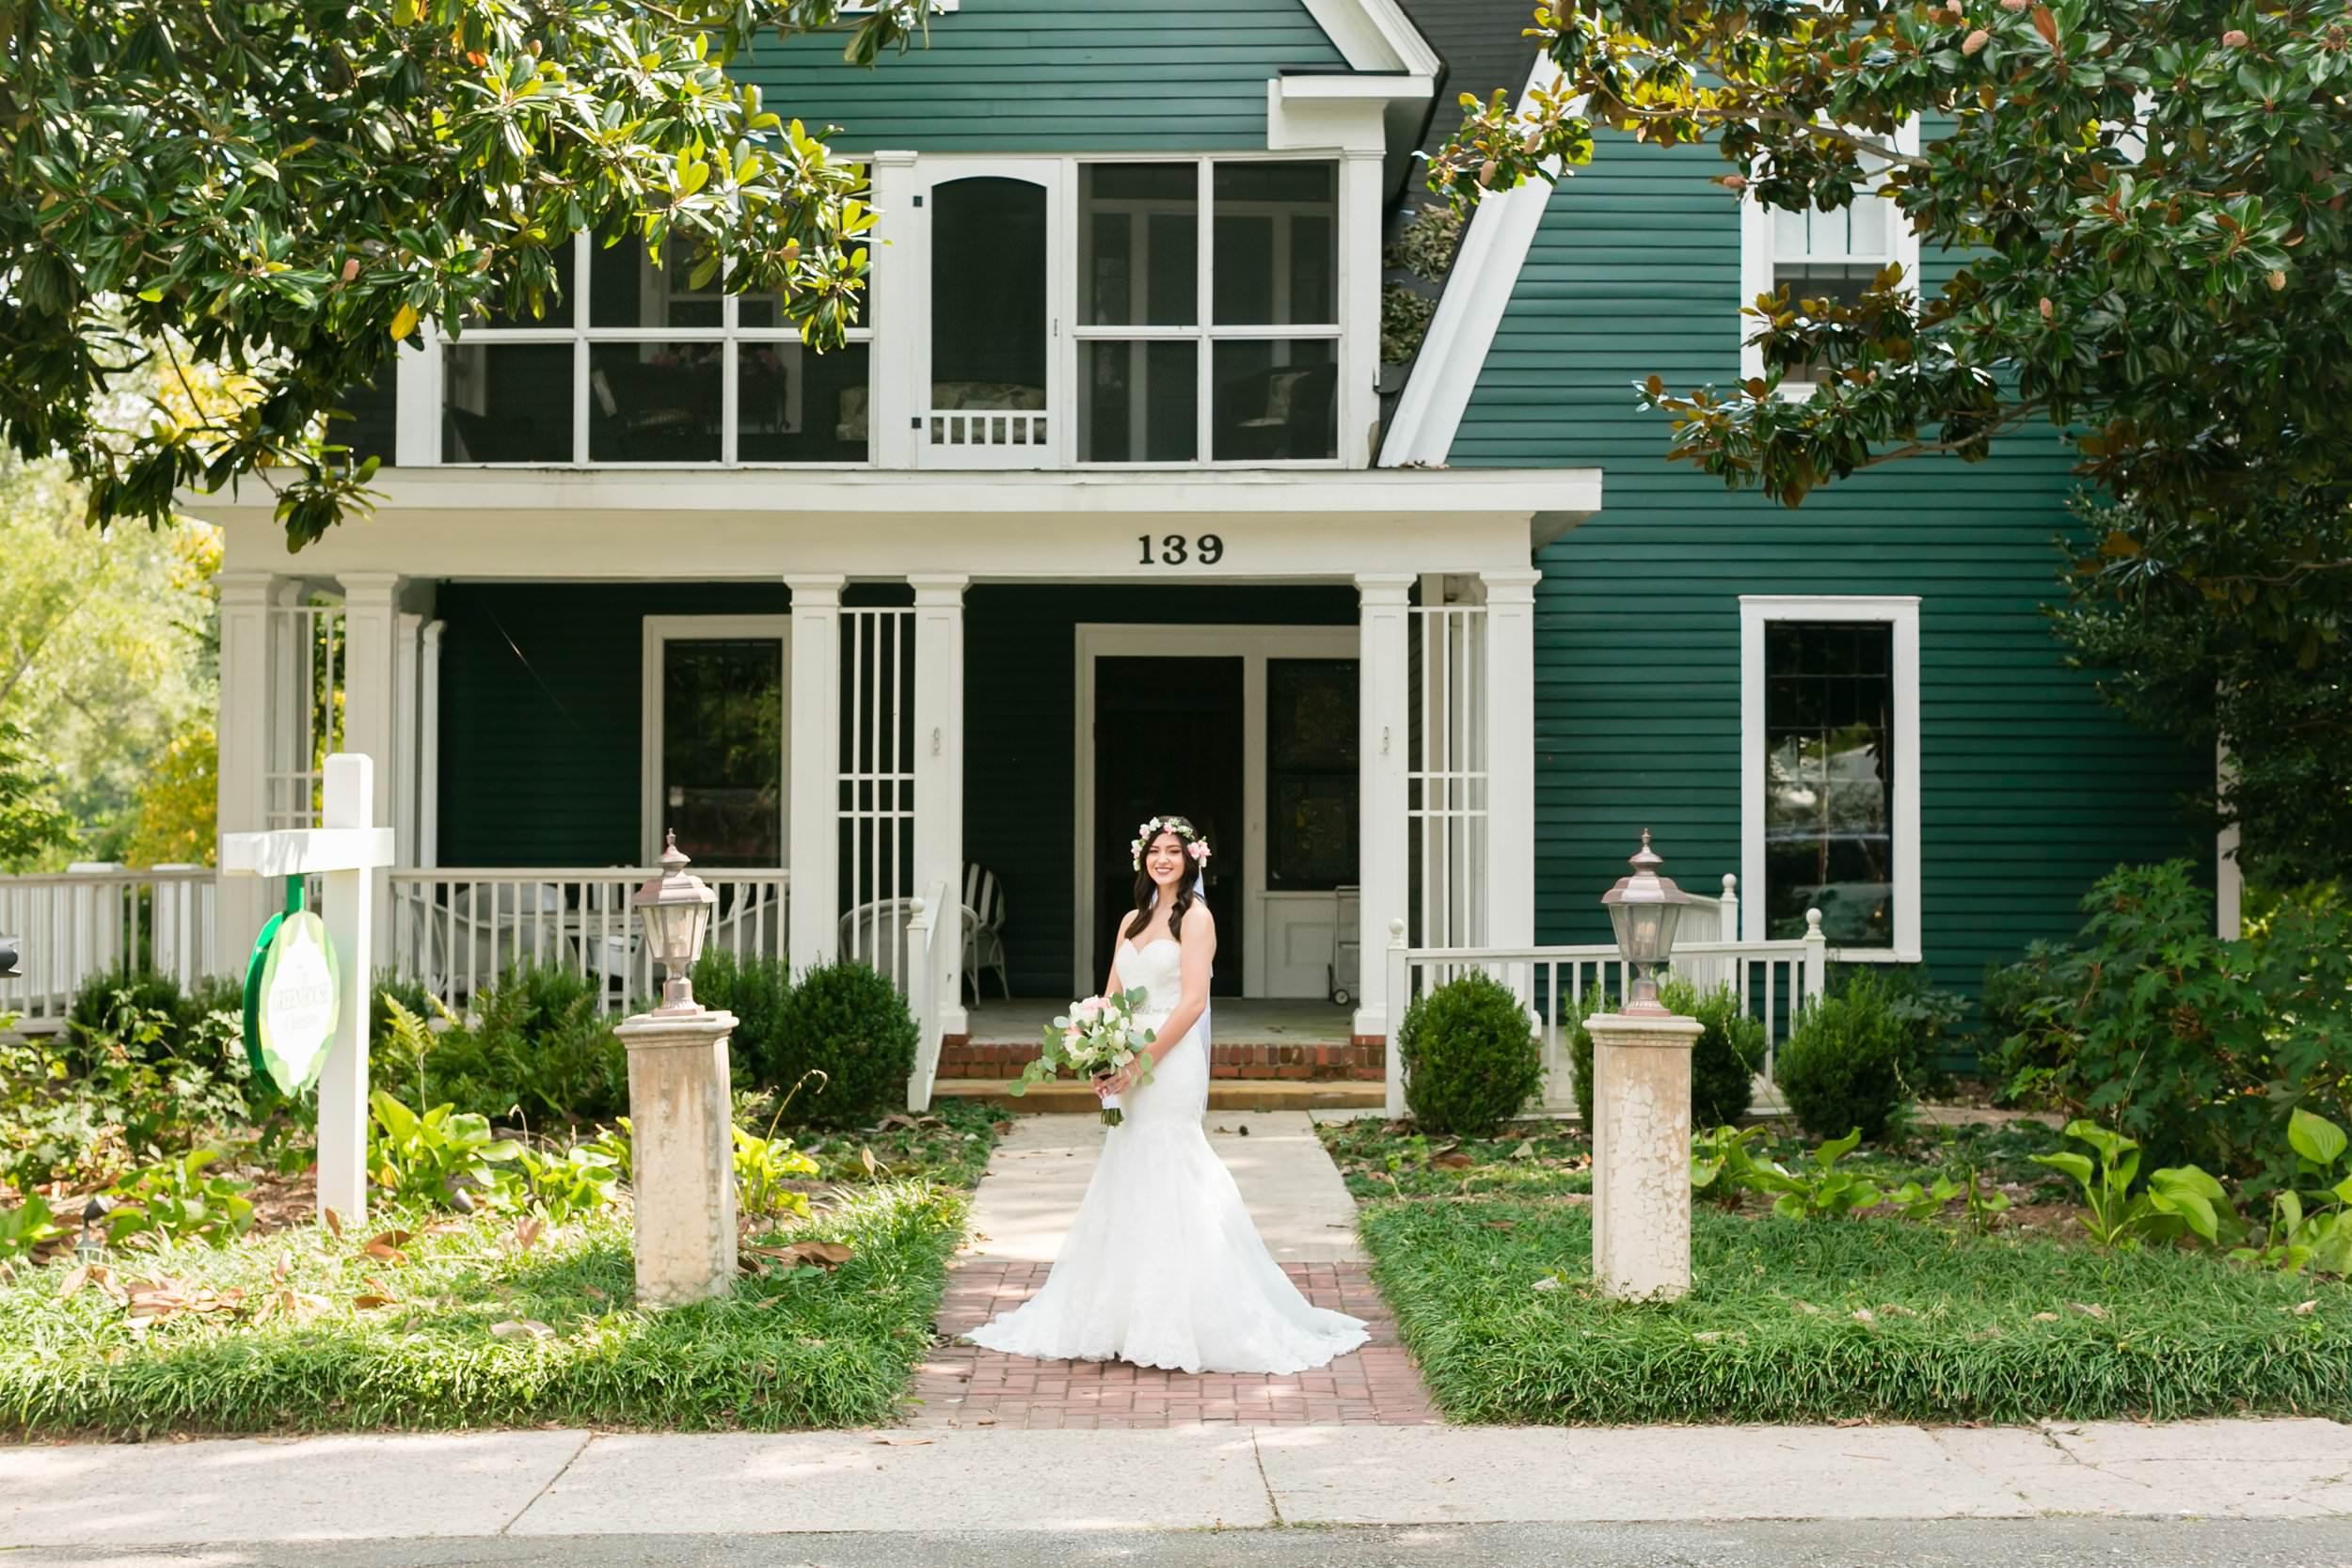 Magnolia-House-And-Garden-Wedding013.jpg